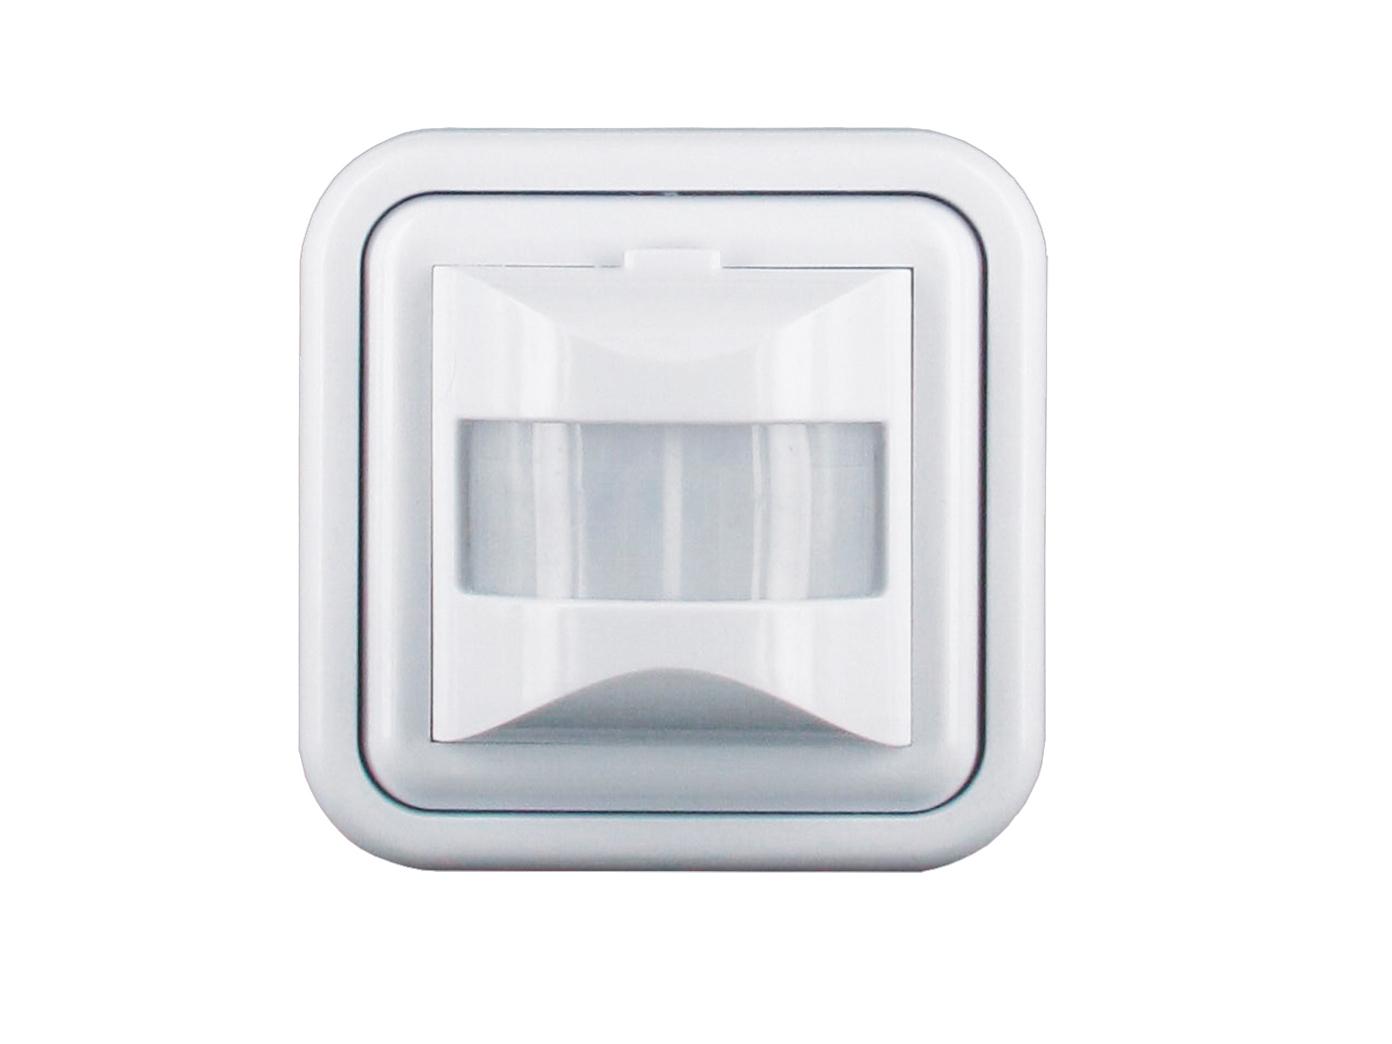 unterputz bewegungsmelder f r innen erfassung 160 led geeignet bewegungssensor ebay. Black Bedroom Furniture Sets. Home Design Ideas